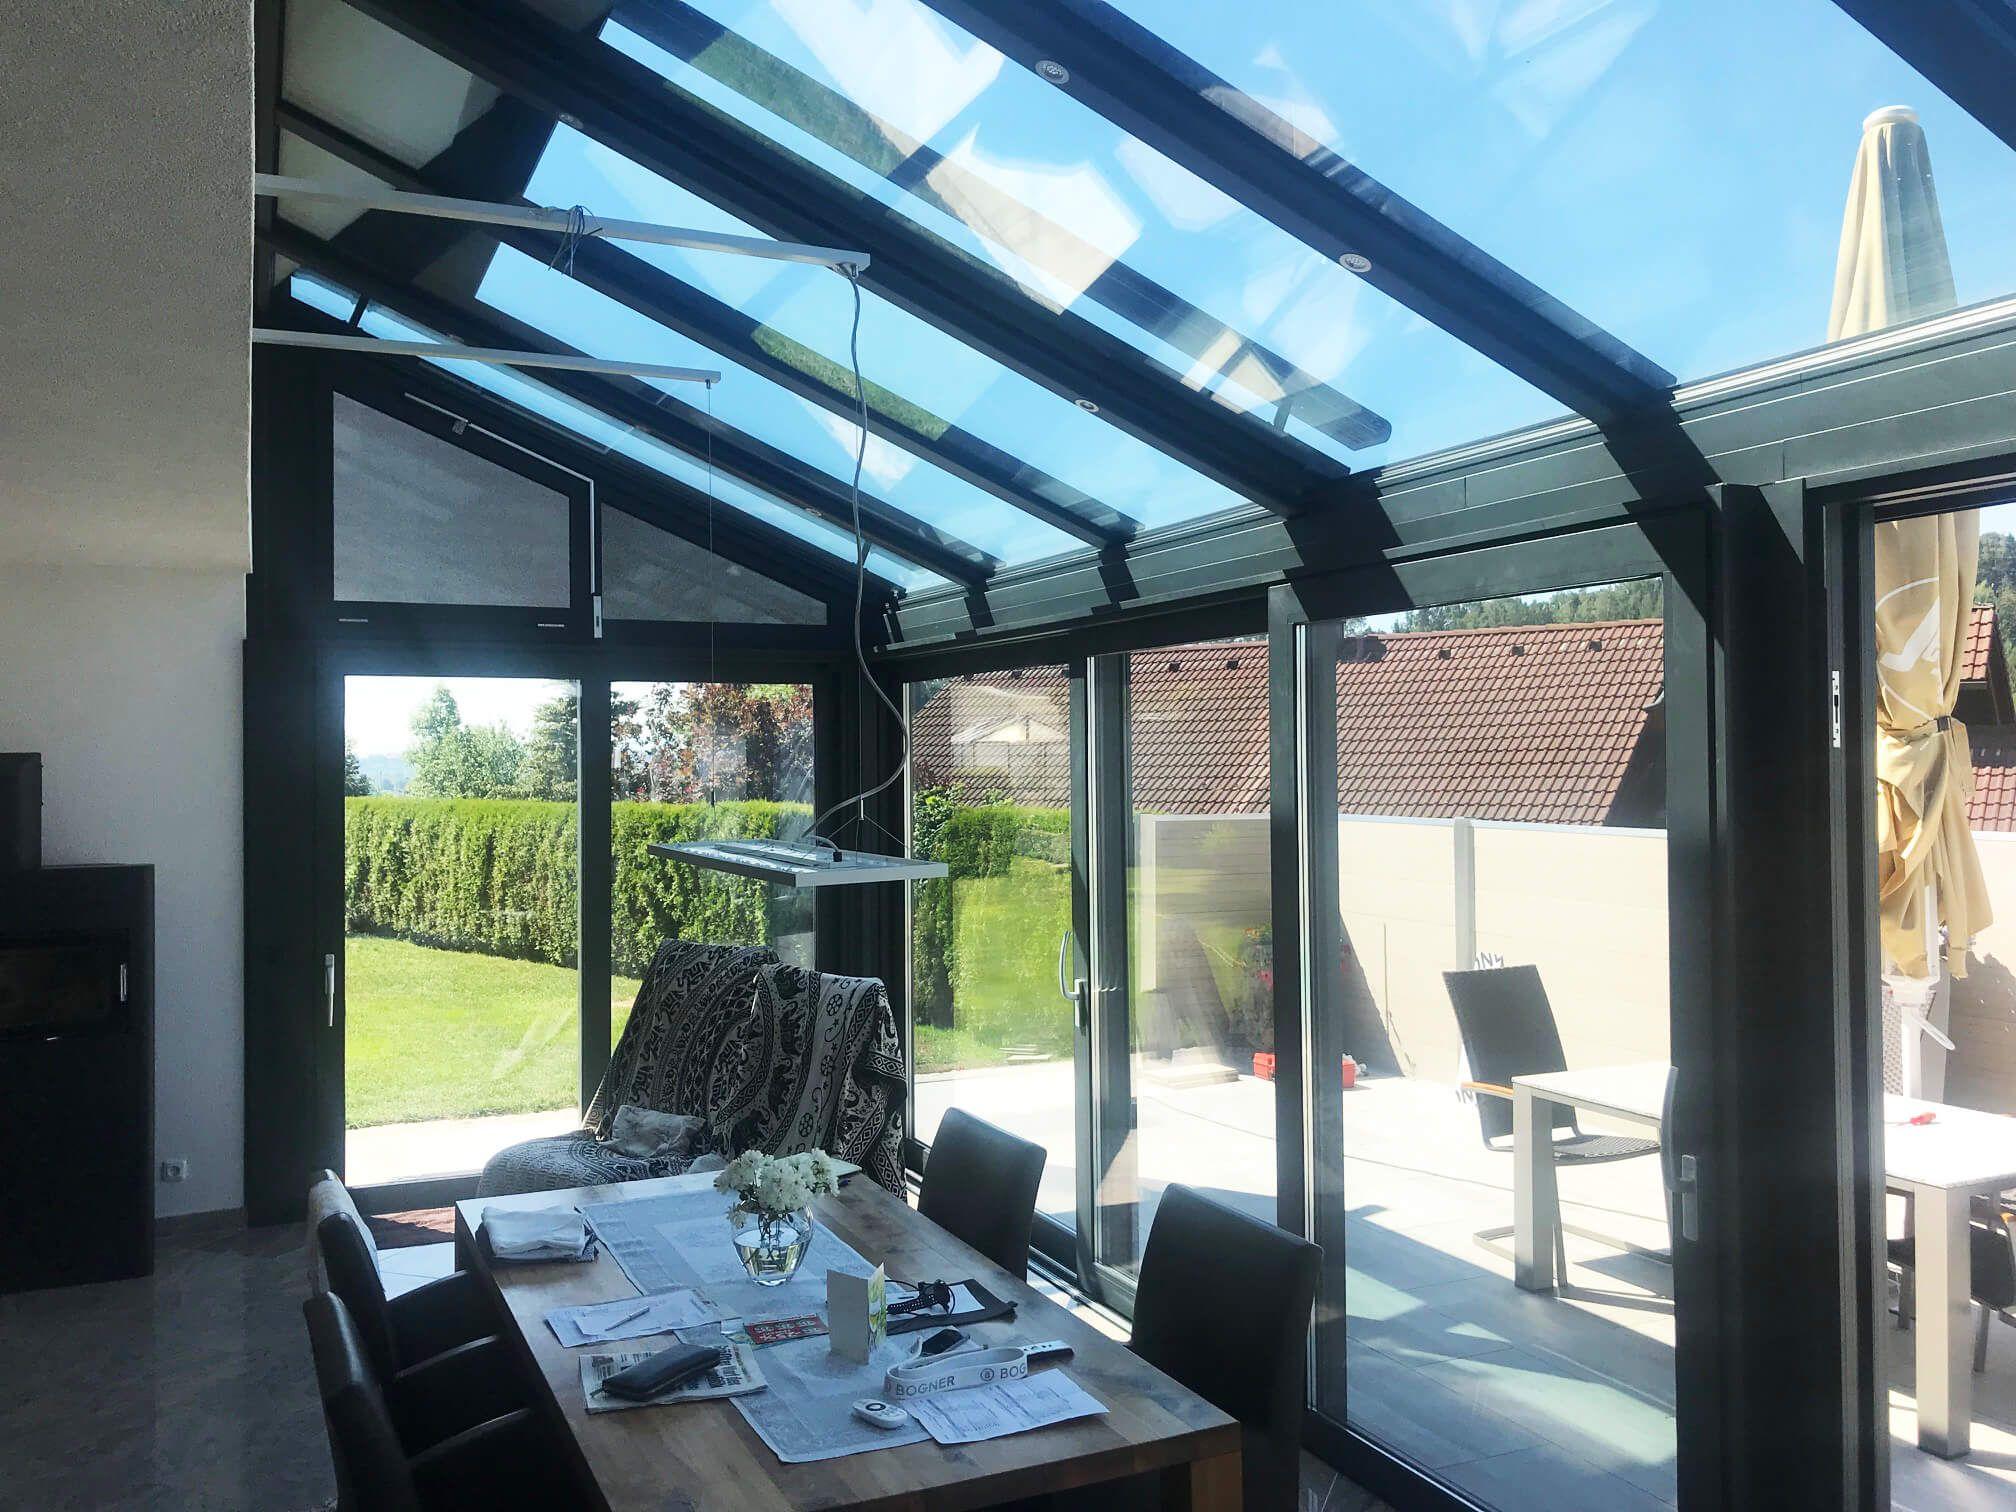 Wintergarten Warm In Oberosterreich Fenster Schmidinger Glasschiebetur Wintergarten Outdoor Dekorationen